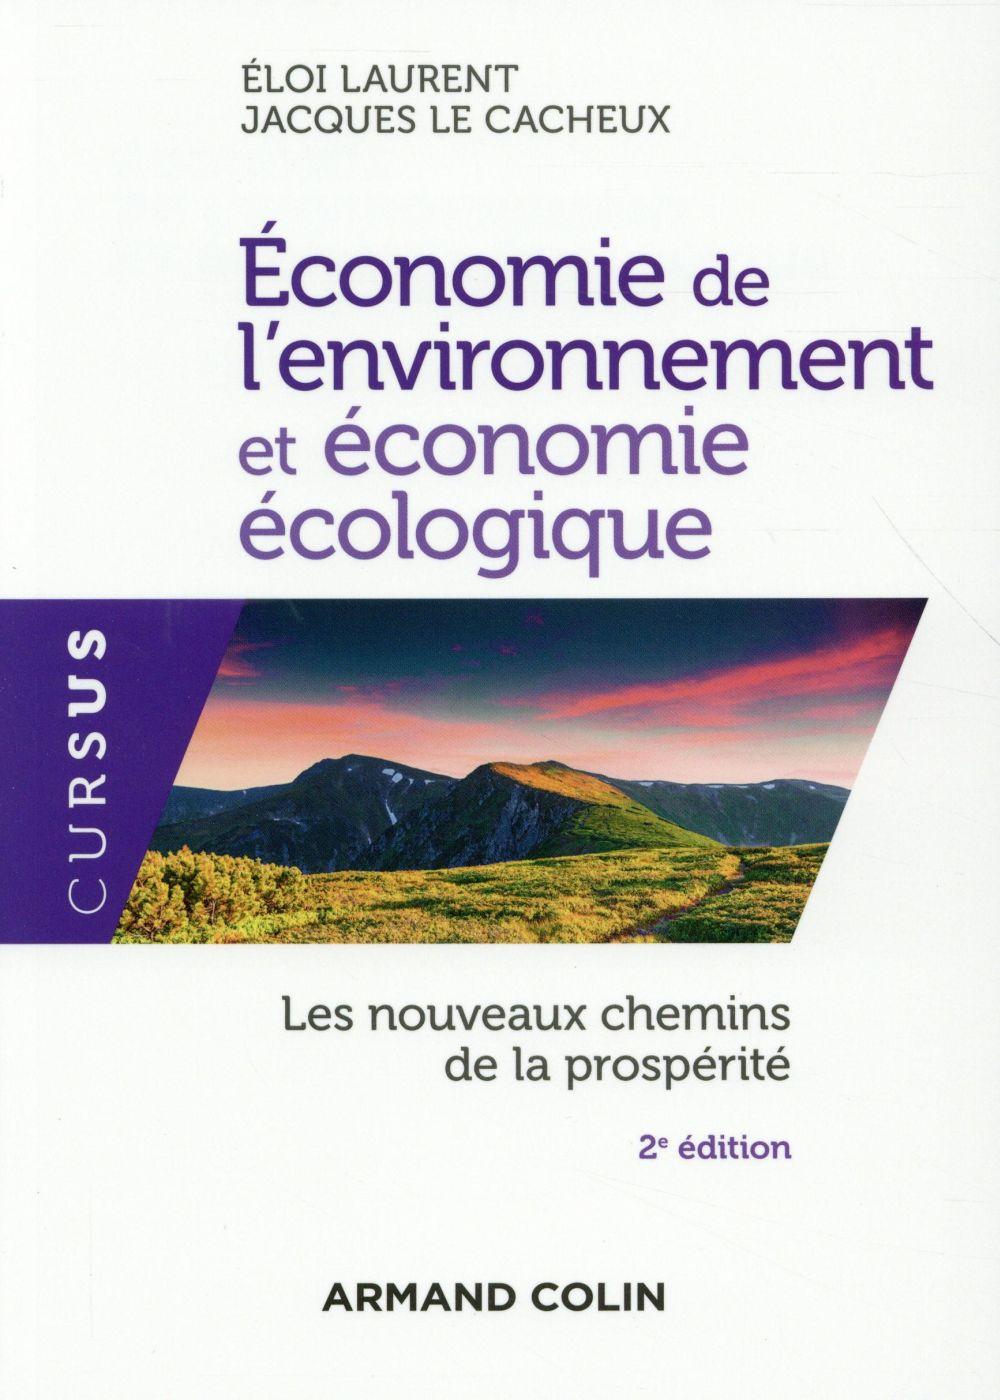 ECONOMIE DE L'ENVIRONNEMENT ET ECONOMIE ECOLOGIQUE (2E EDITION)